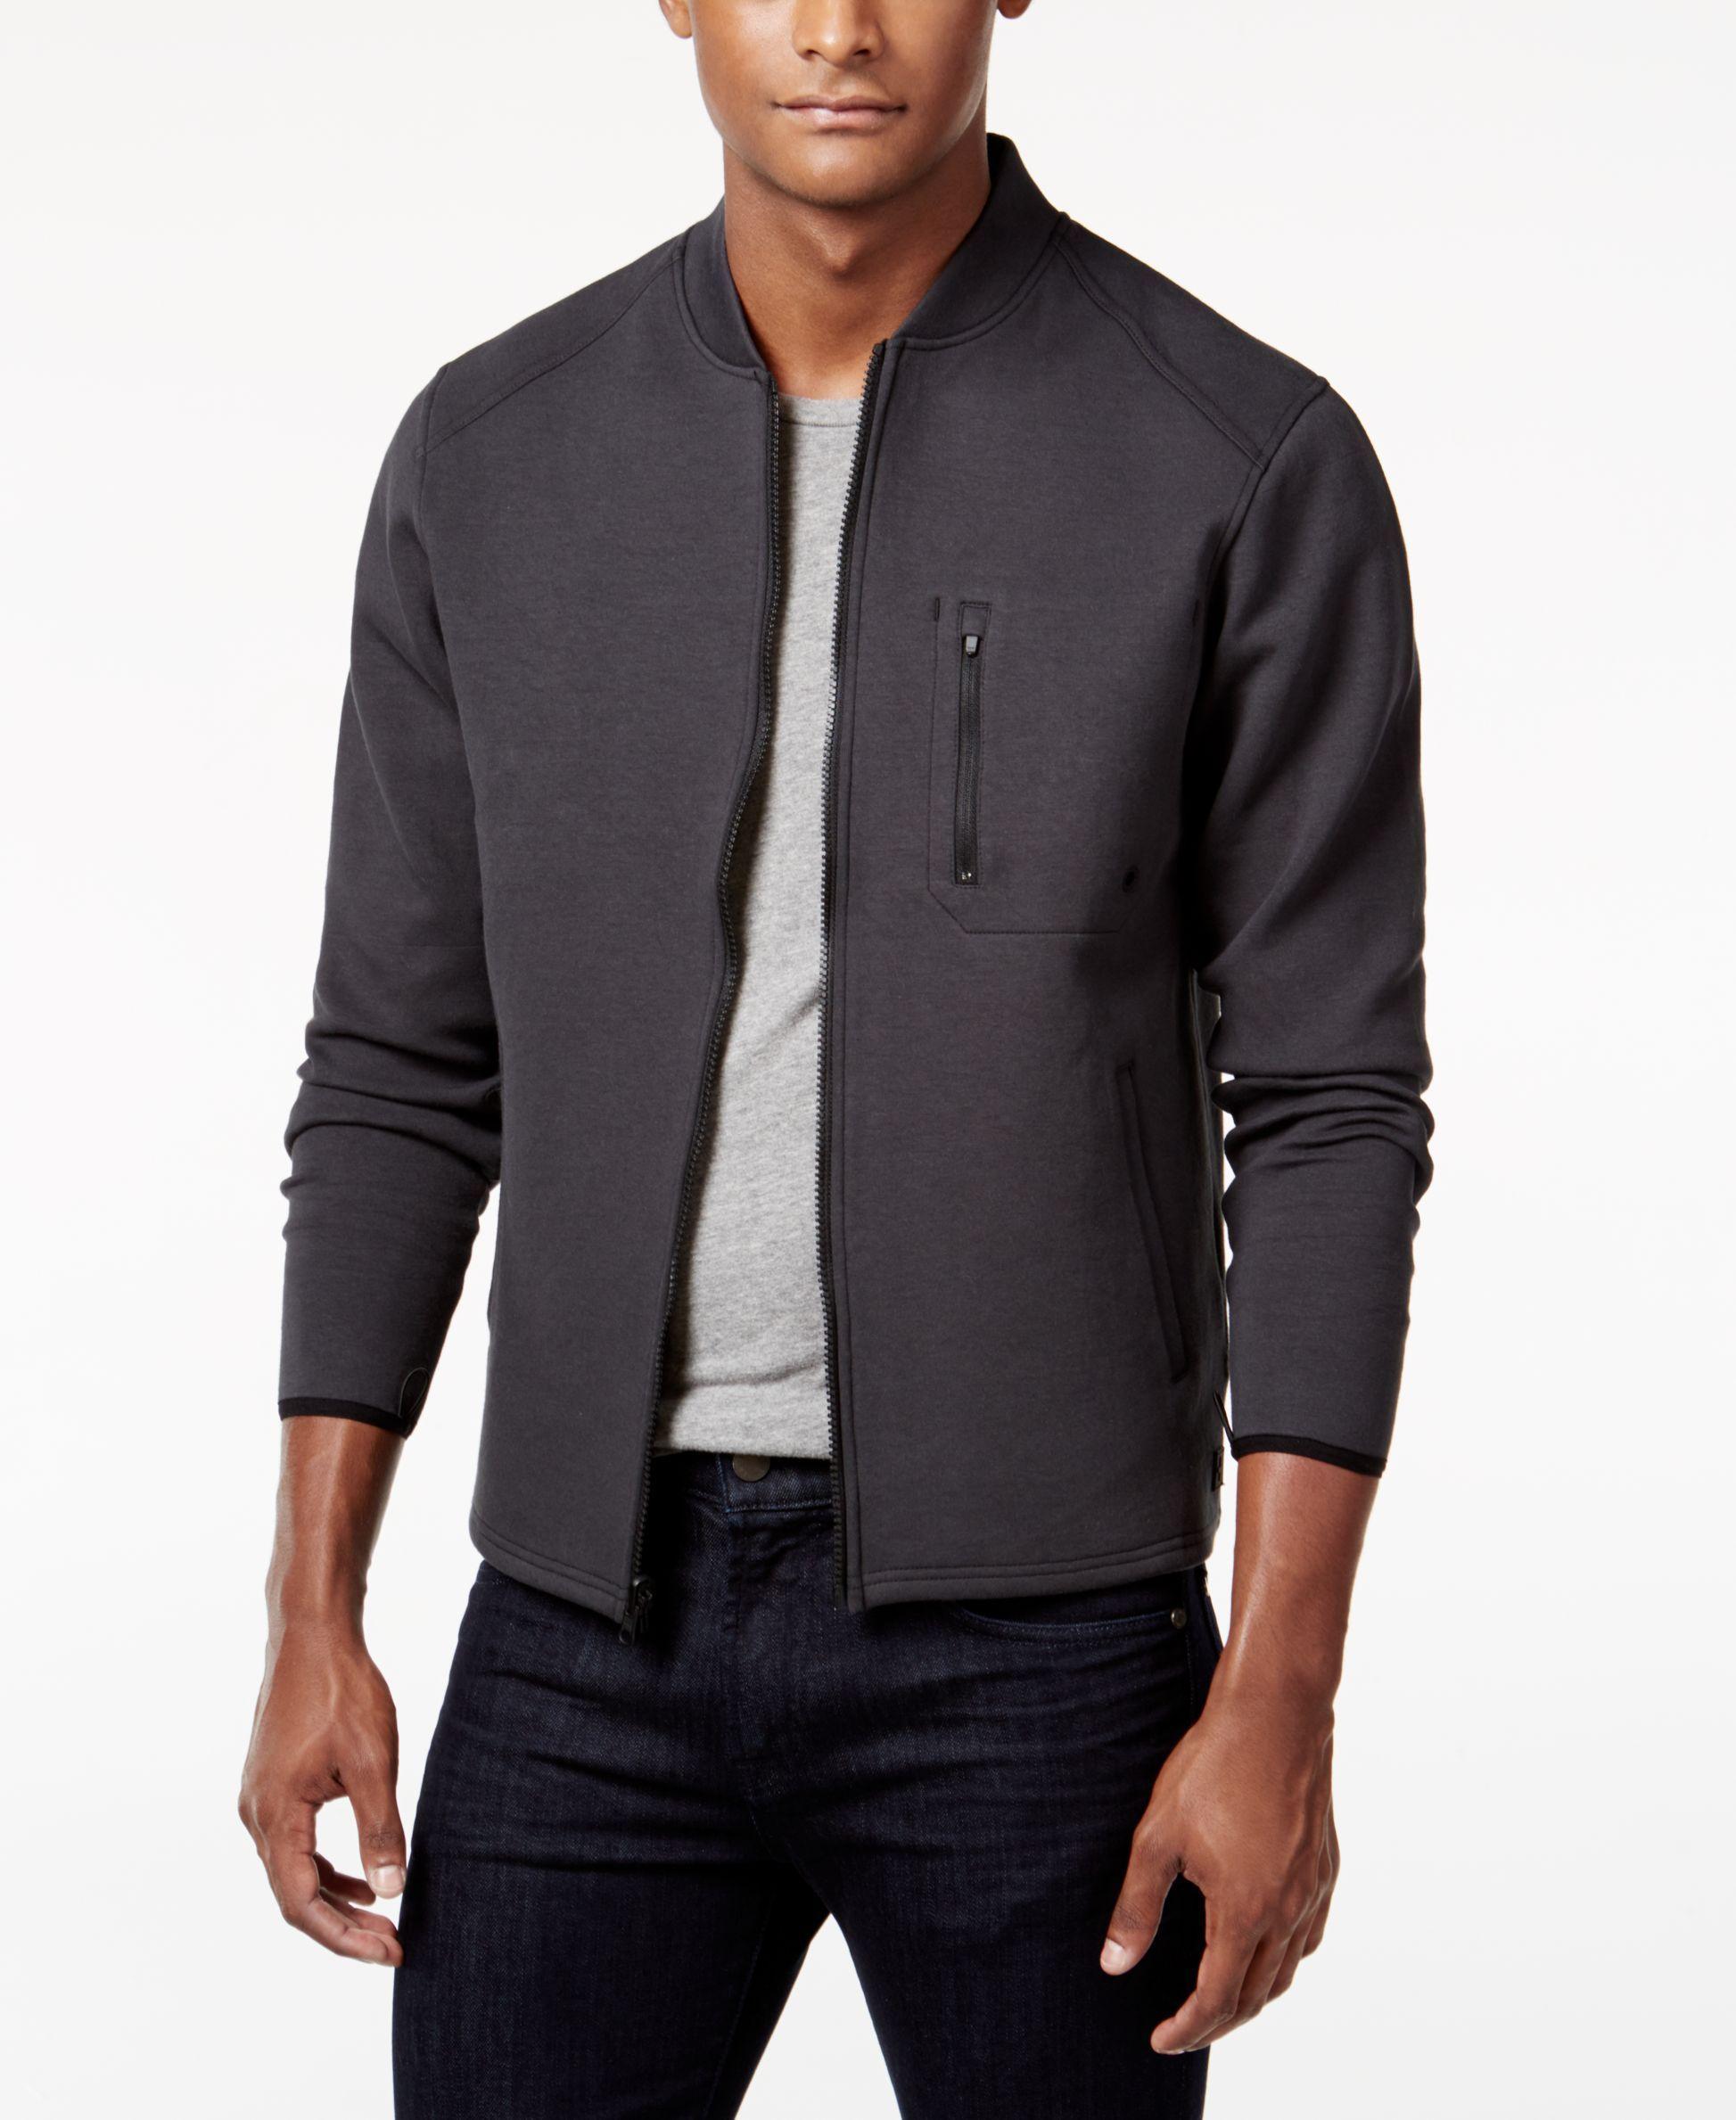 Tavik Men's Thermite Fleece Jacket